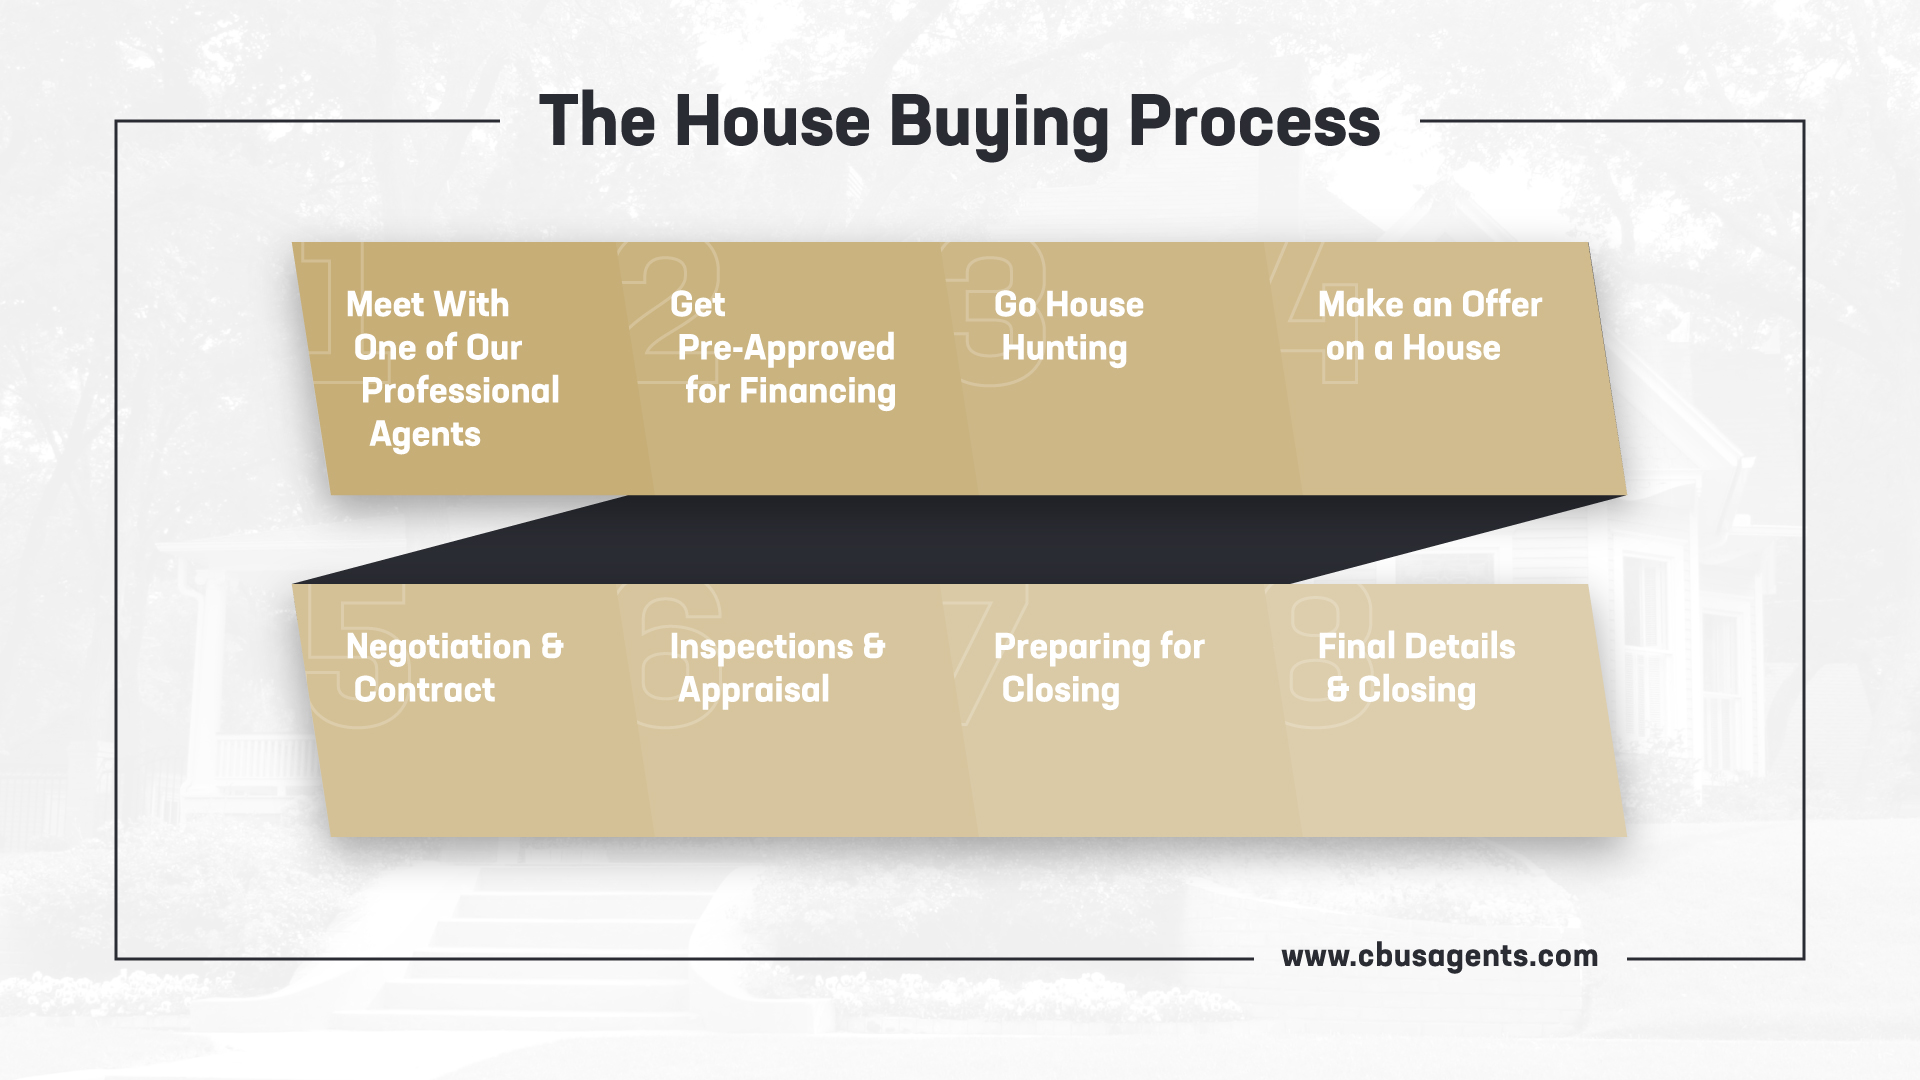 HouseBuying.jpg